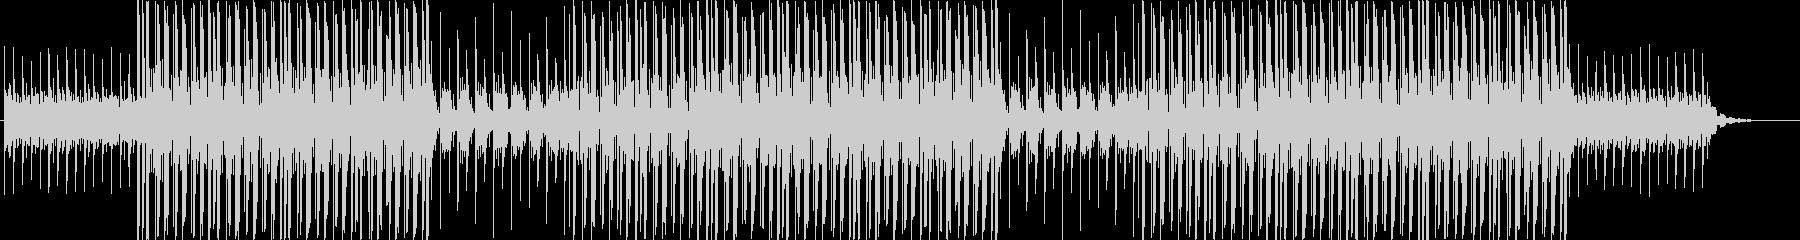 Kawaii・トラップポップトラック♪の未再生の波形